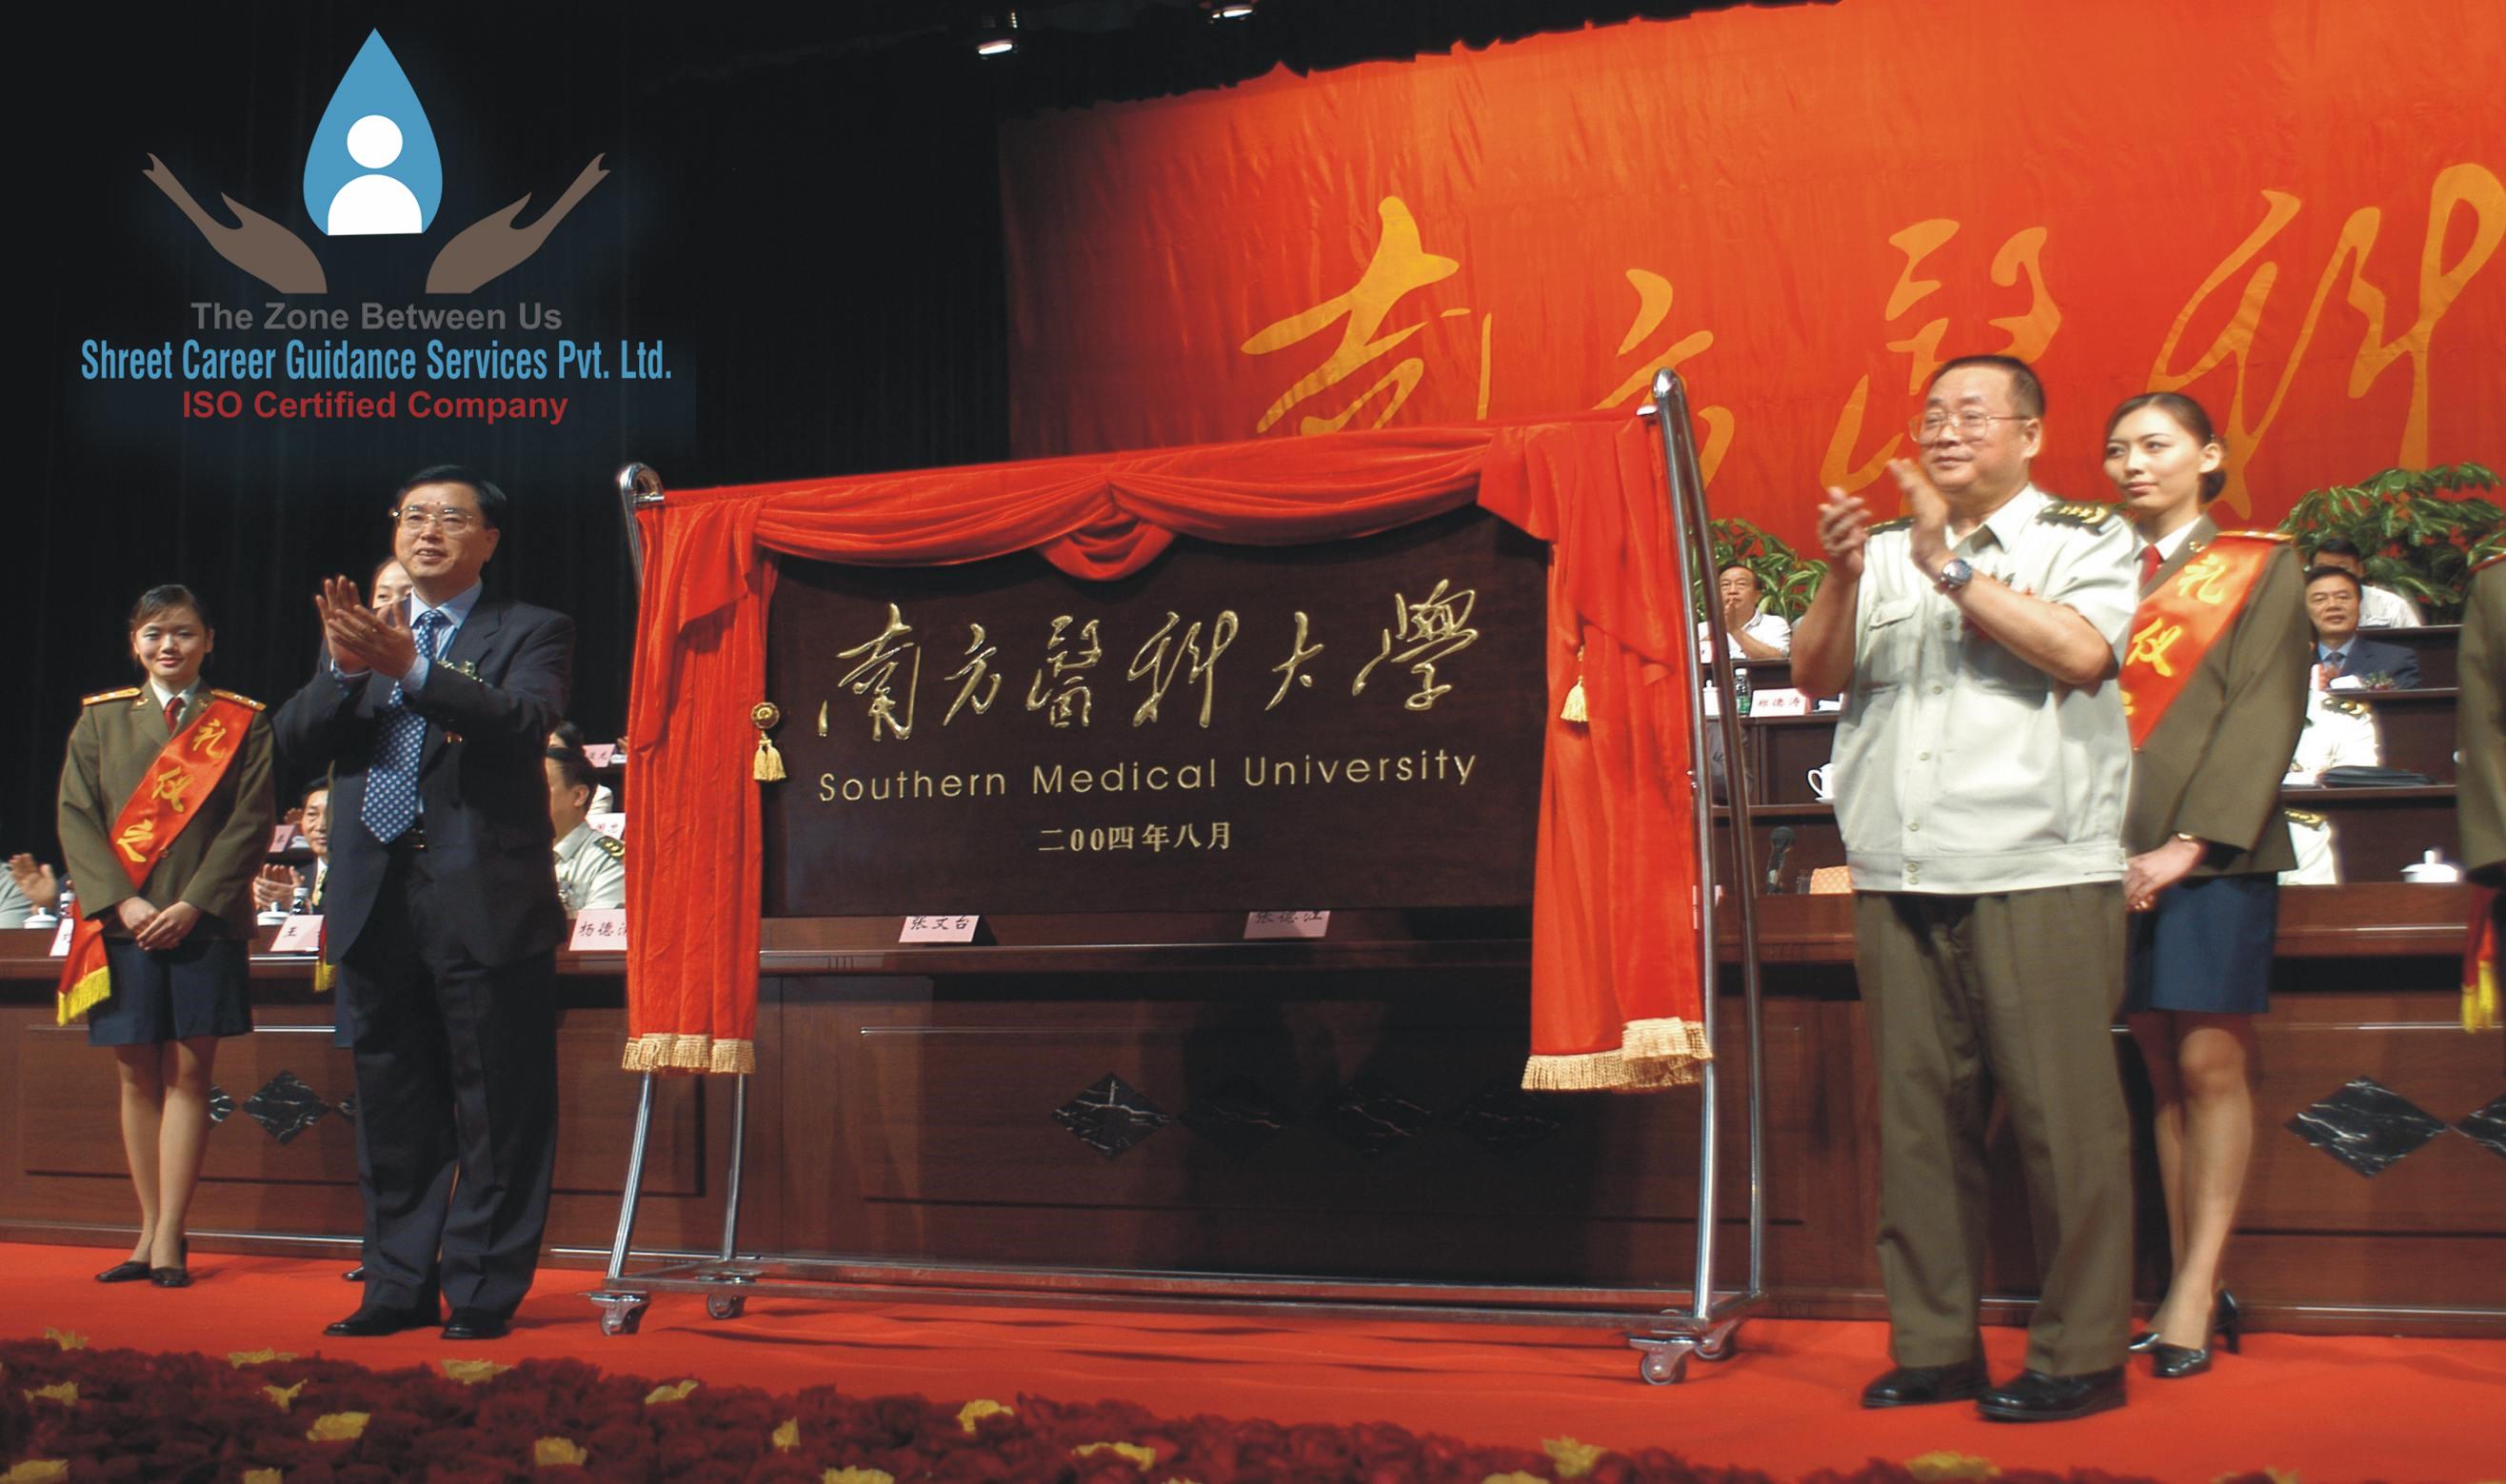 Facilities at Southern Medical University China